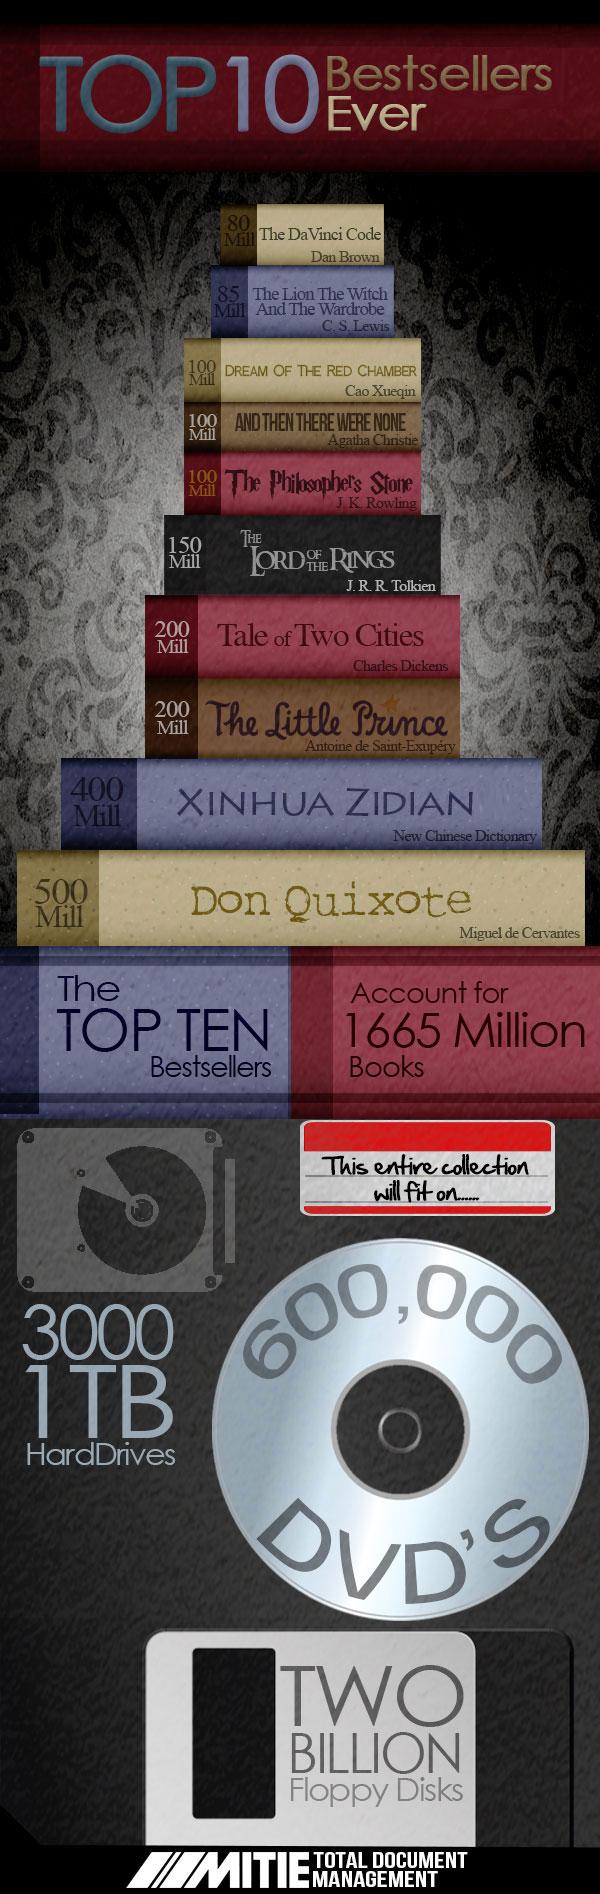 the-top-ten-bestsellers-ever_524014cd7930c